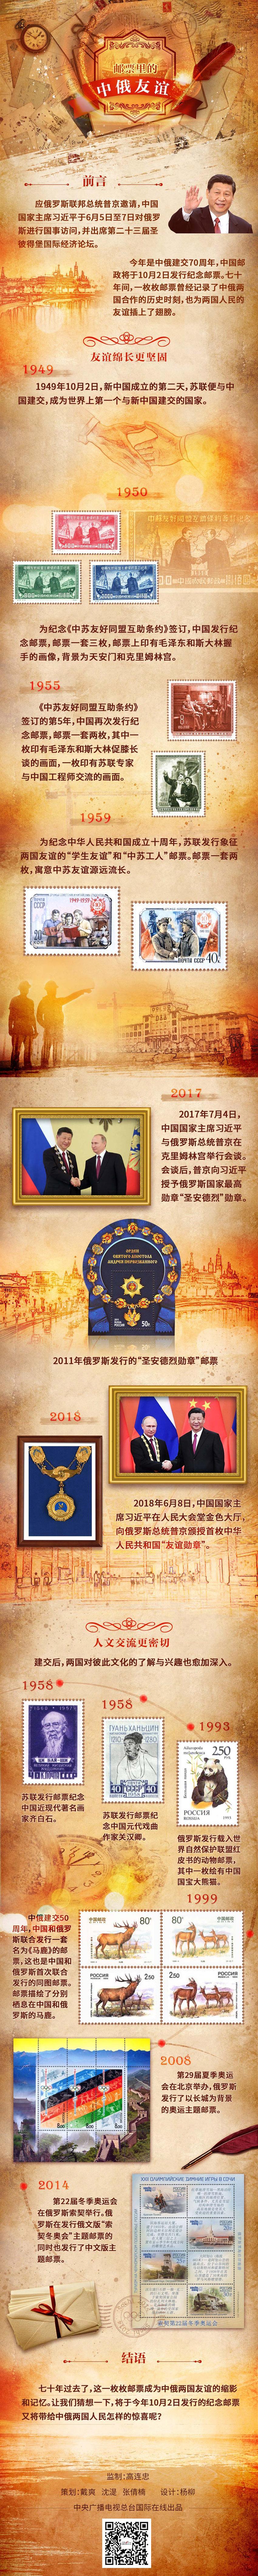 图解丨邮票里的中俄友谊